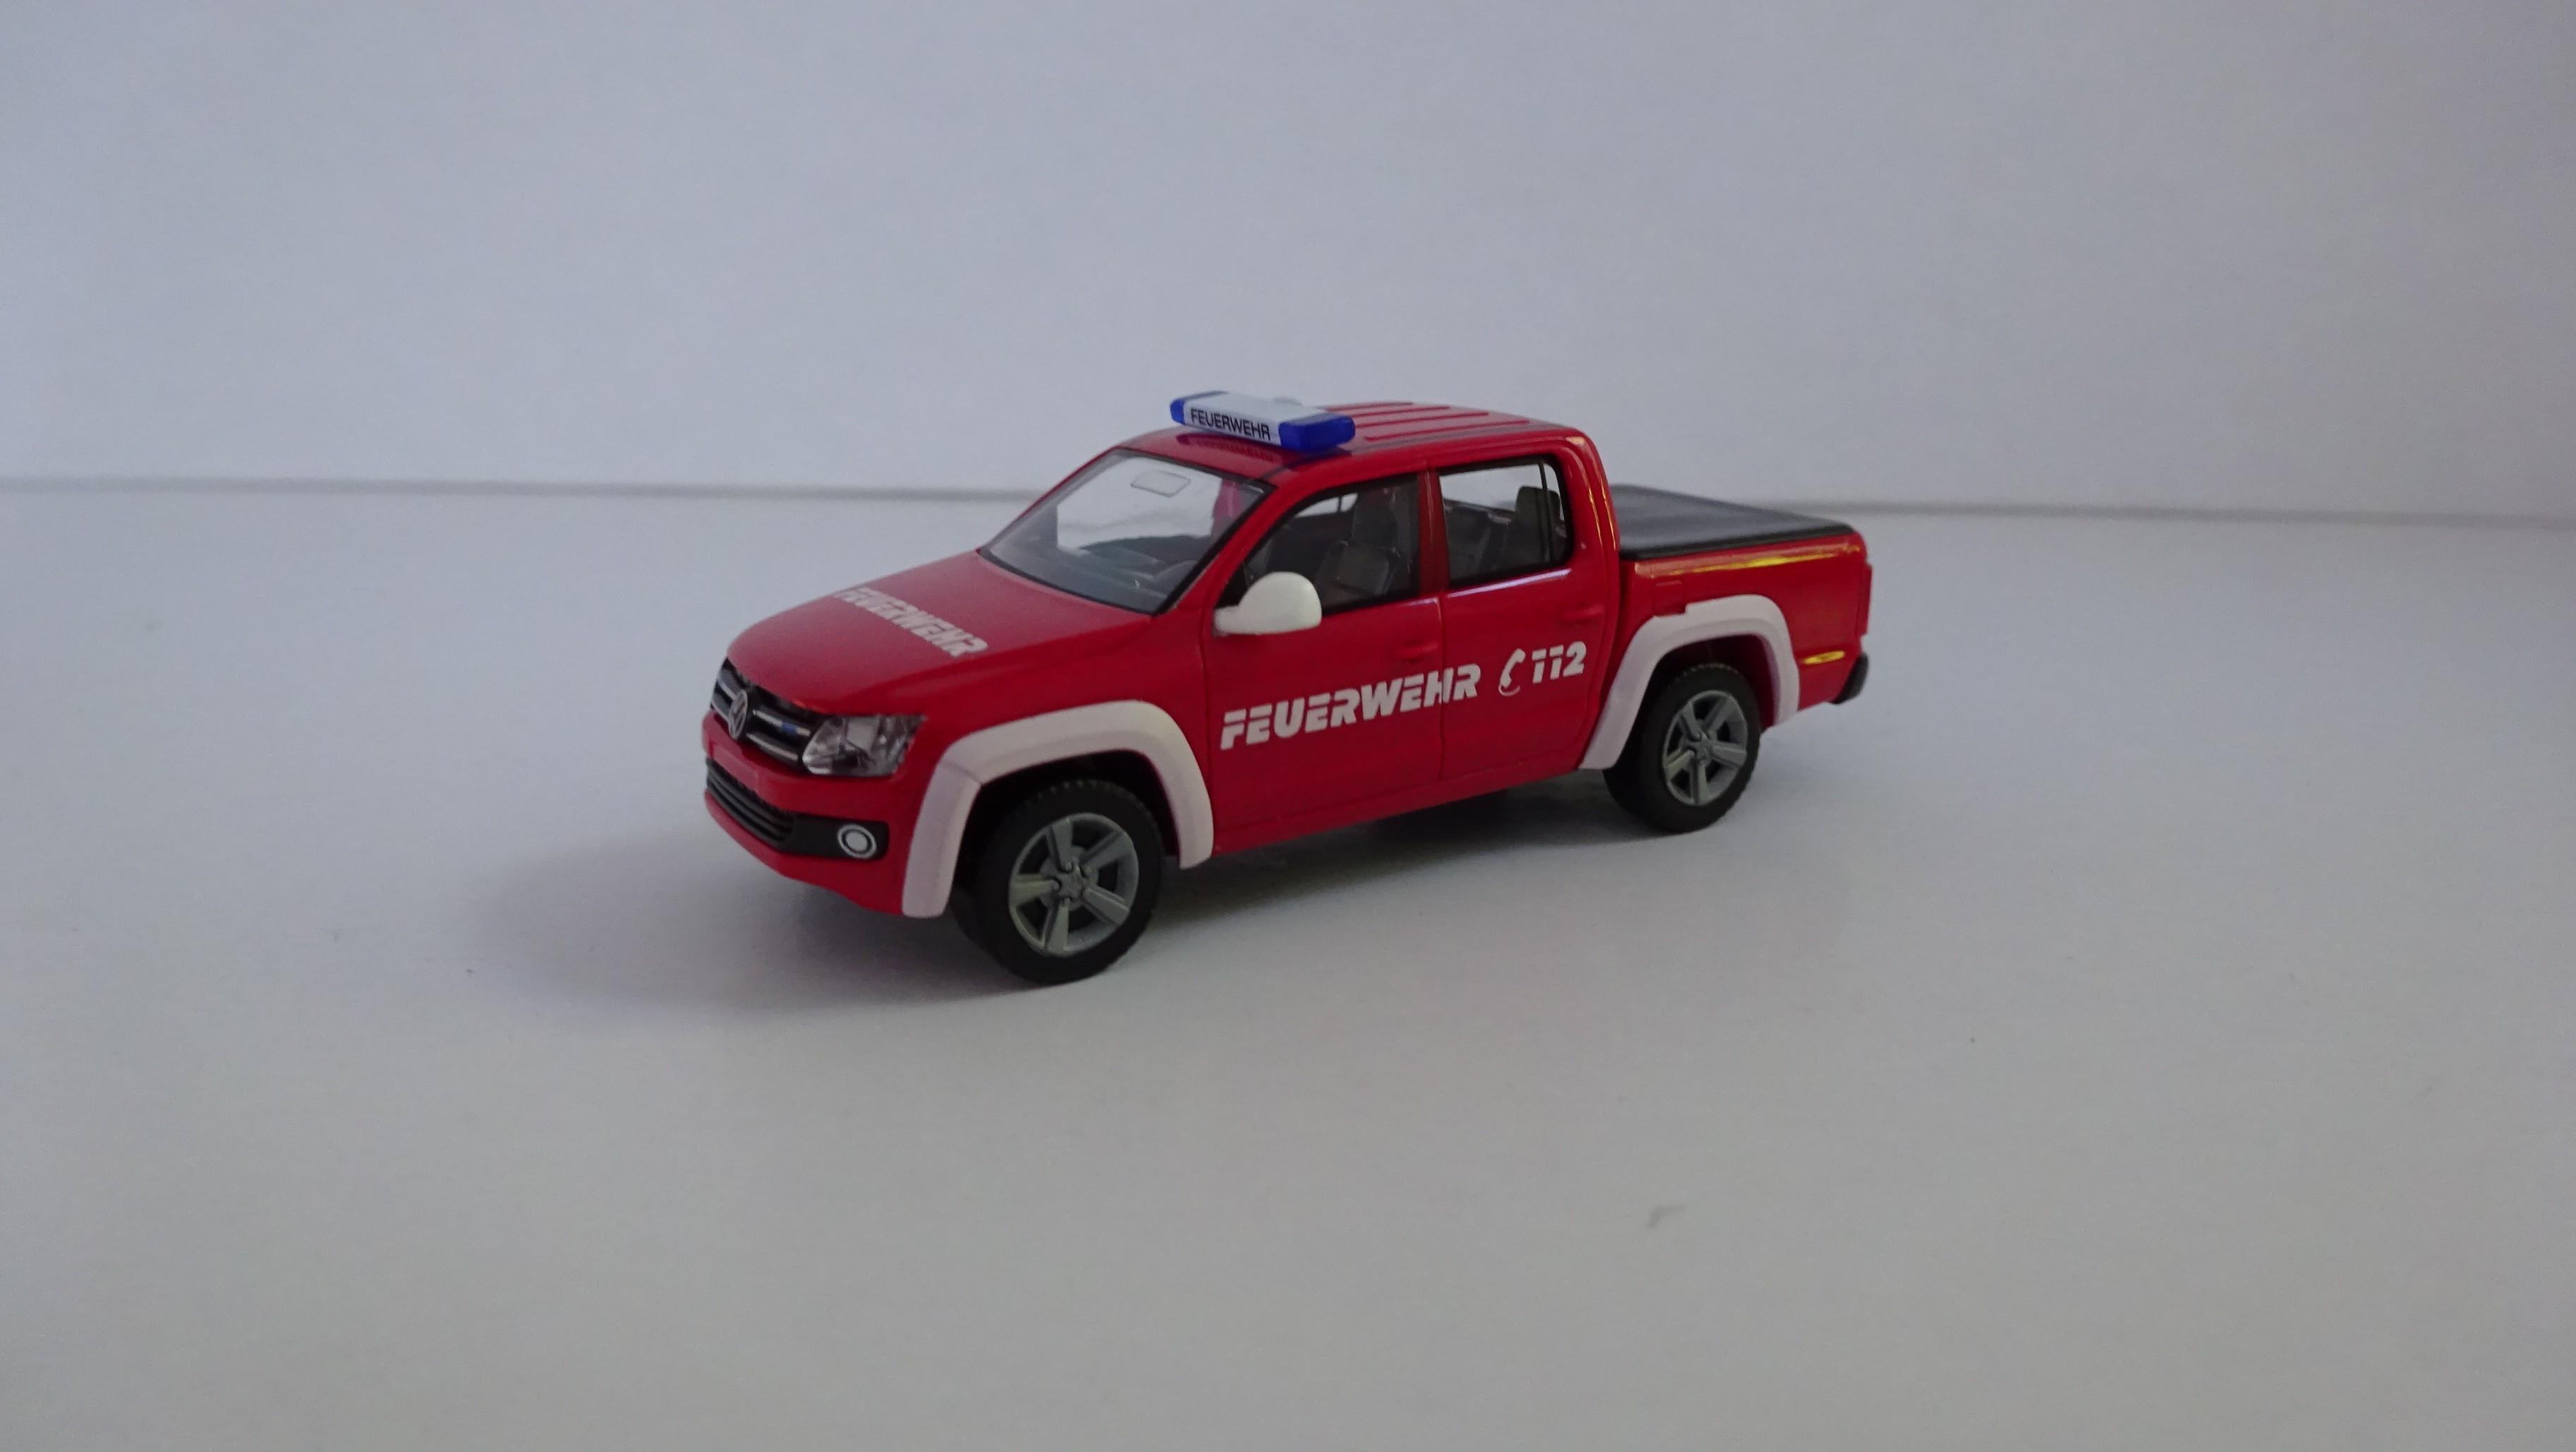 Wiking VW Amarok Feuerwehr Interschutz 2015